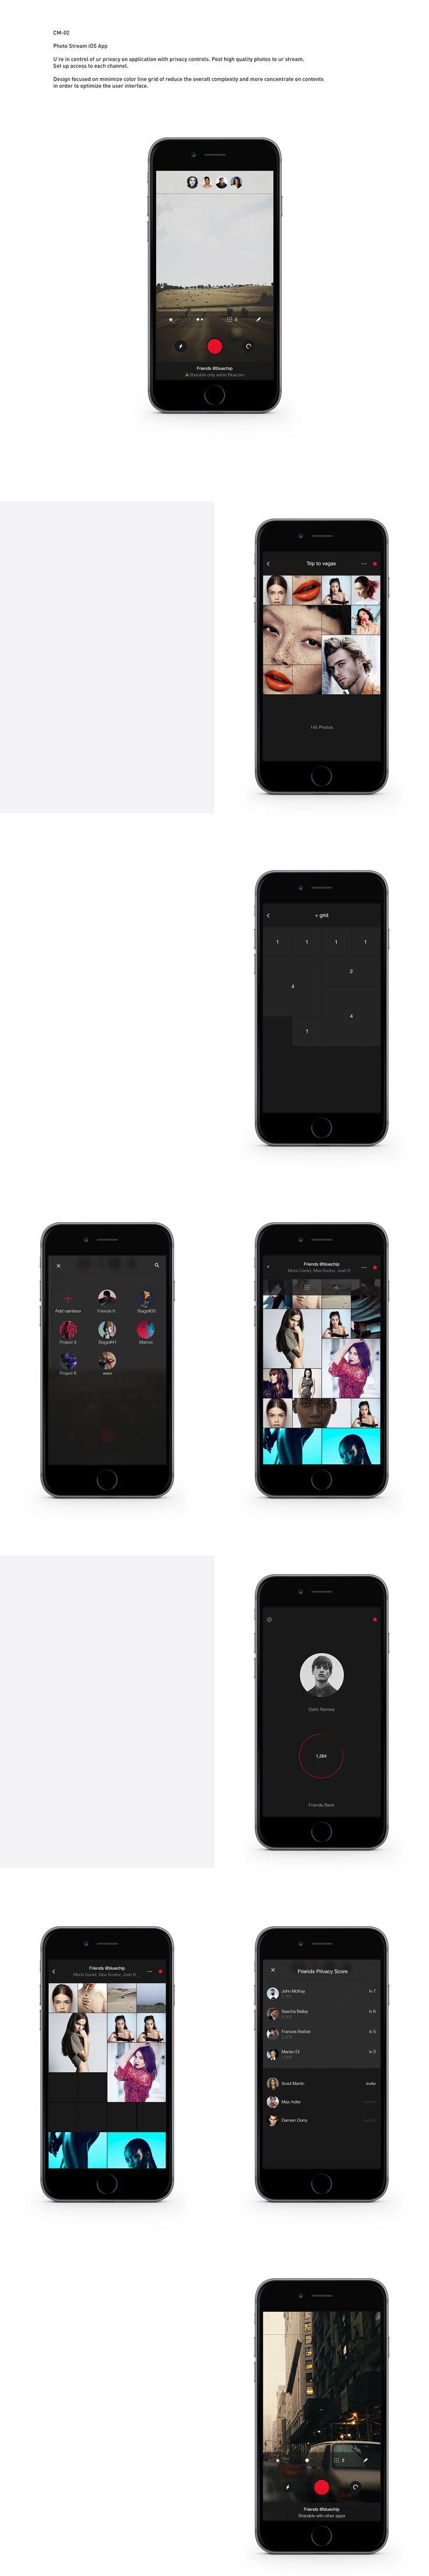 CM-02 on App Design Served